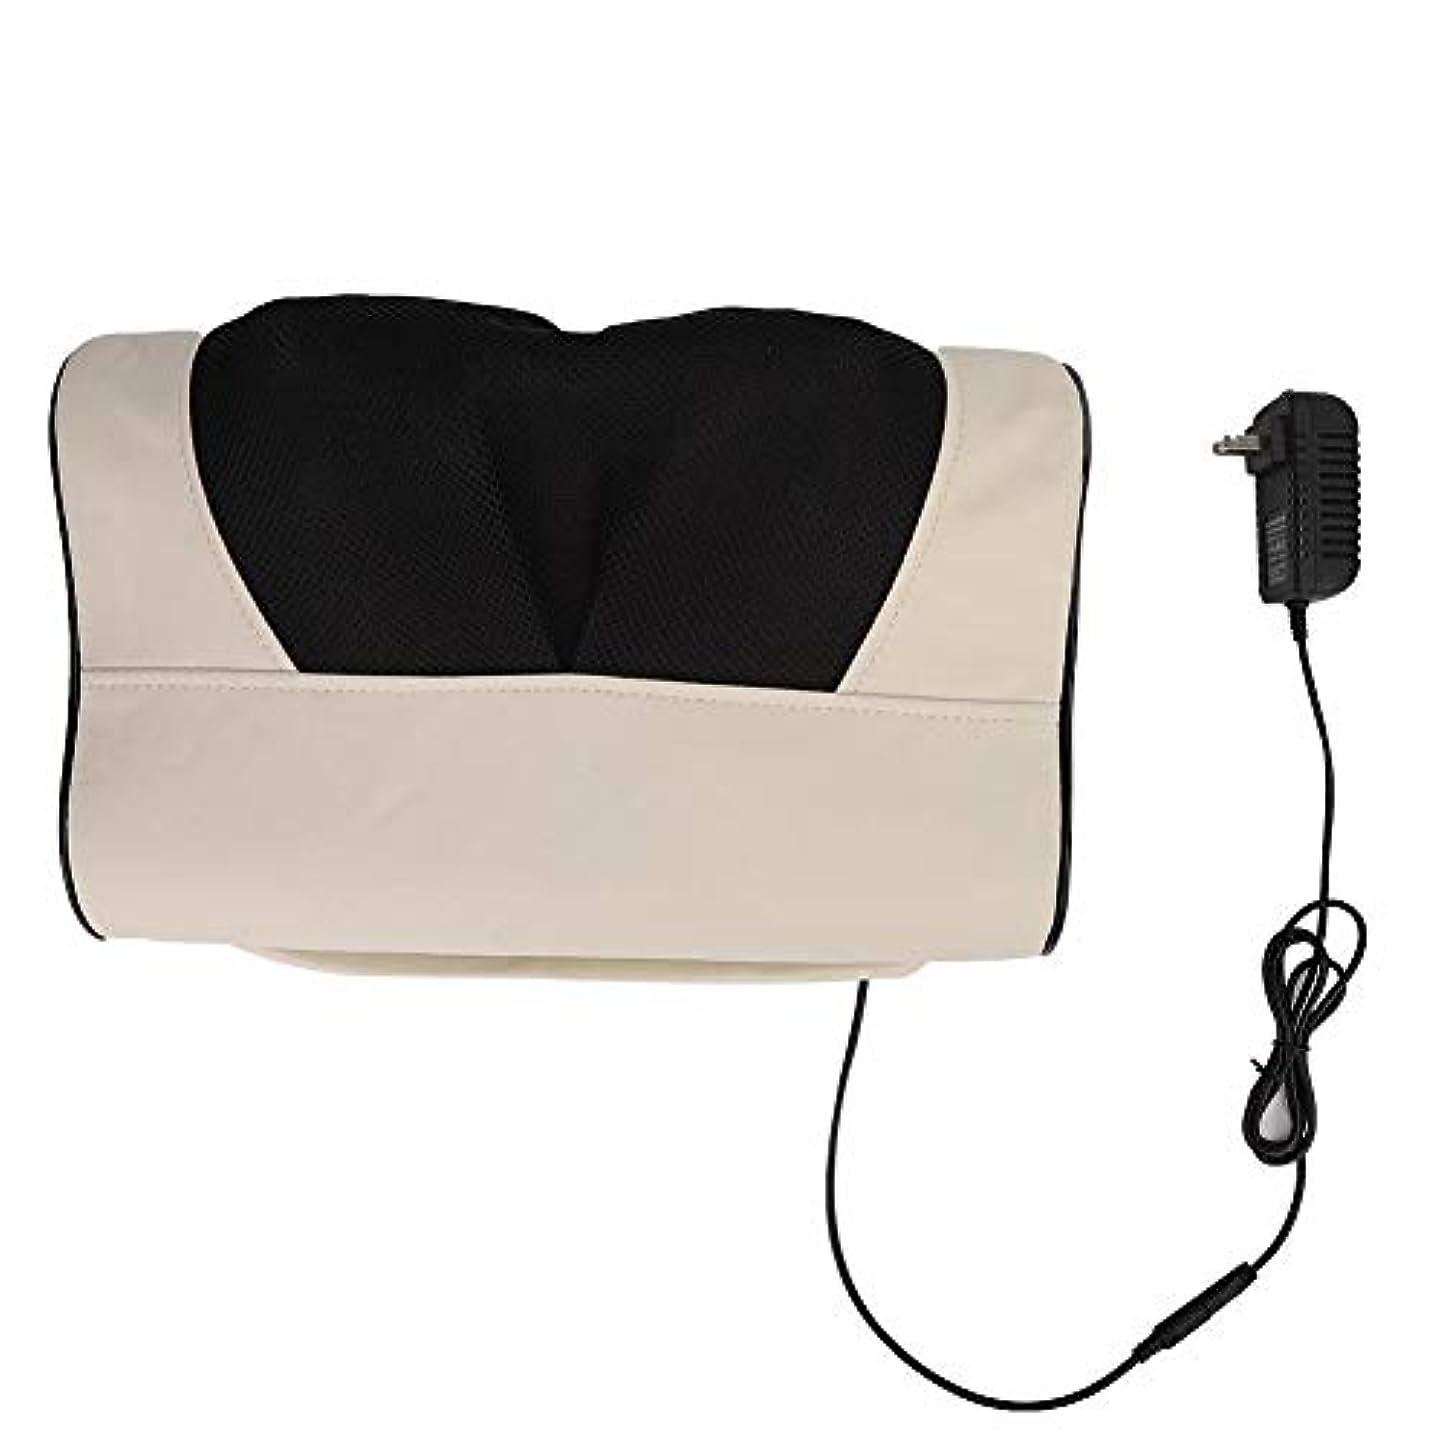 原油復活させる定期的マッサージ枕、多機能頸椎ネックショルダーマッサージャー電動マッサージ枕